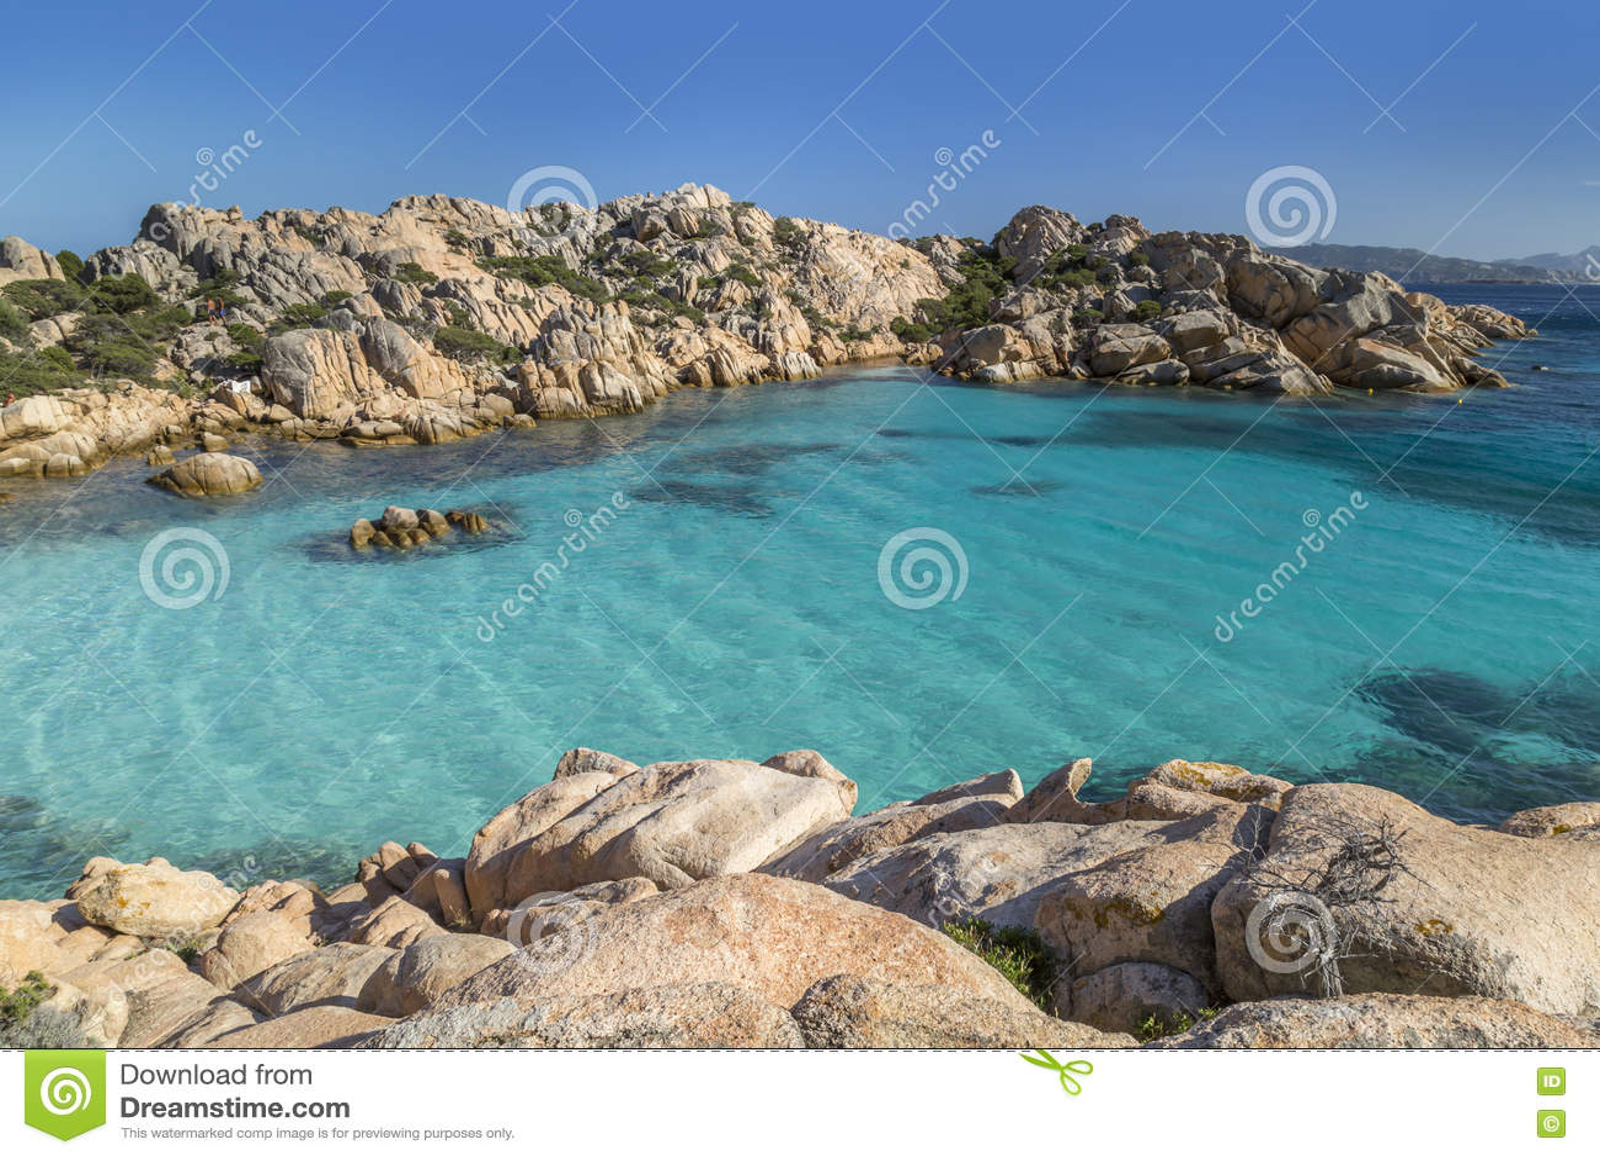 Όμορφη παραλία στον κόλπο Cala Coticcio στο νησί Caprera, Σαρδηνία, Ιταλία